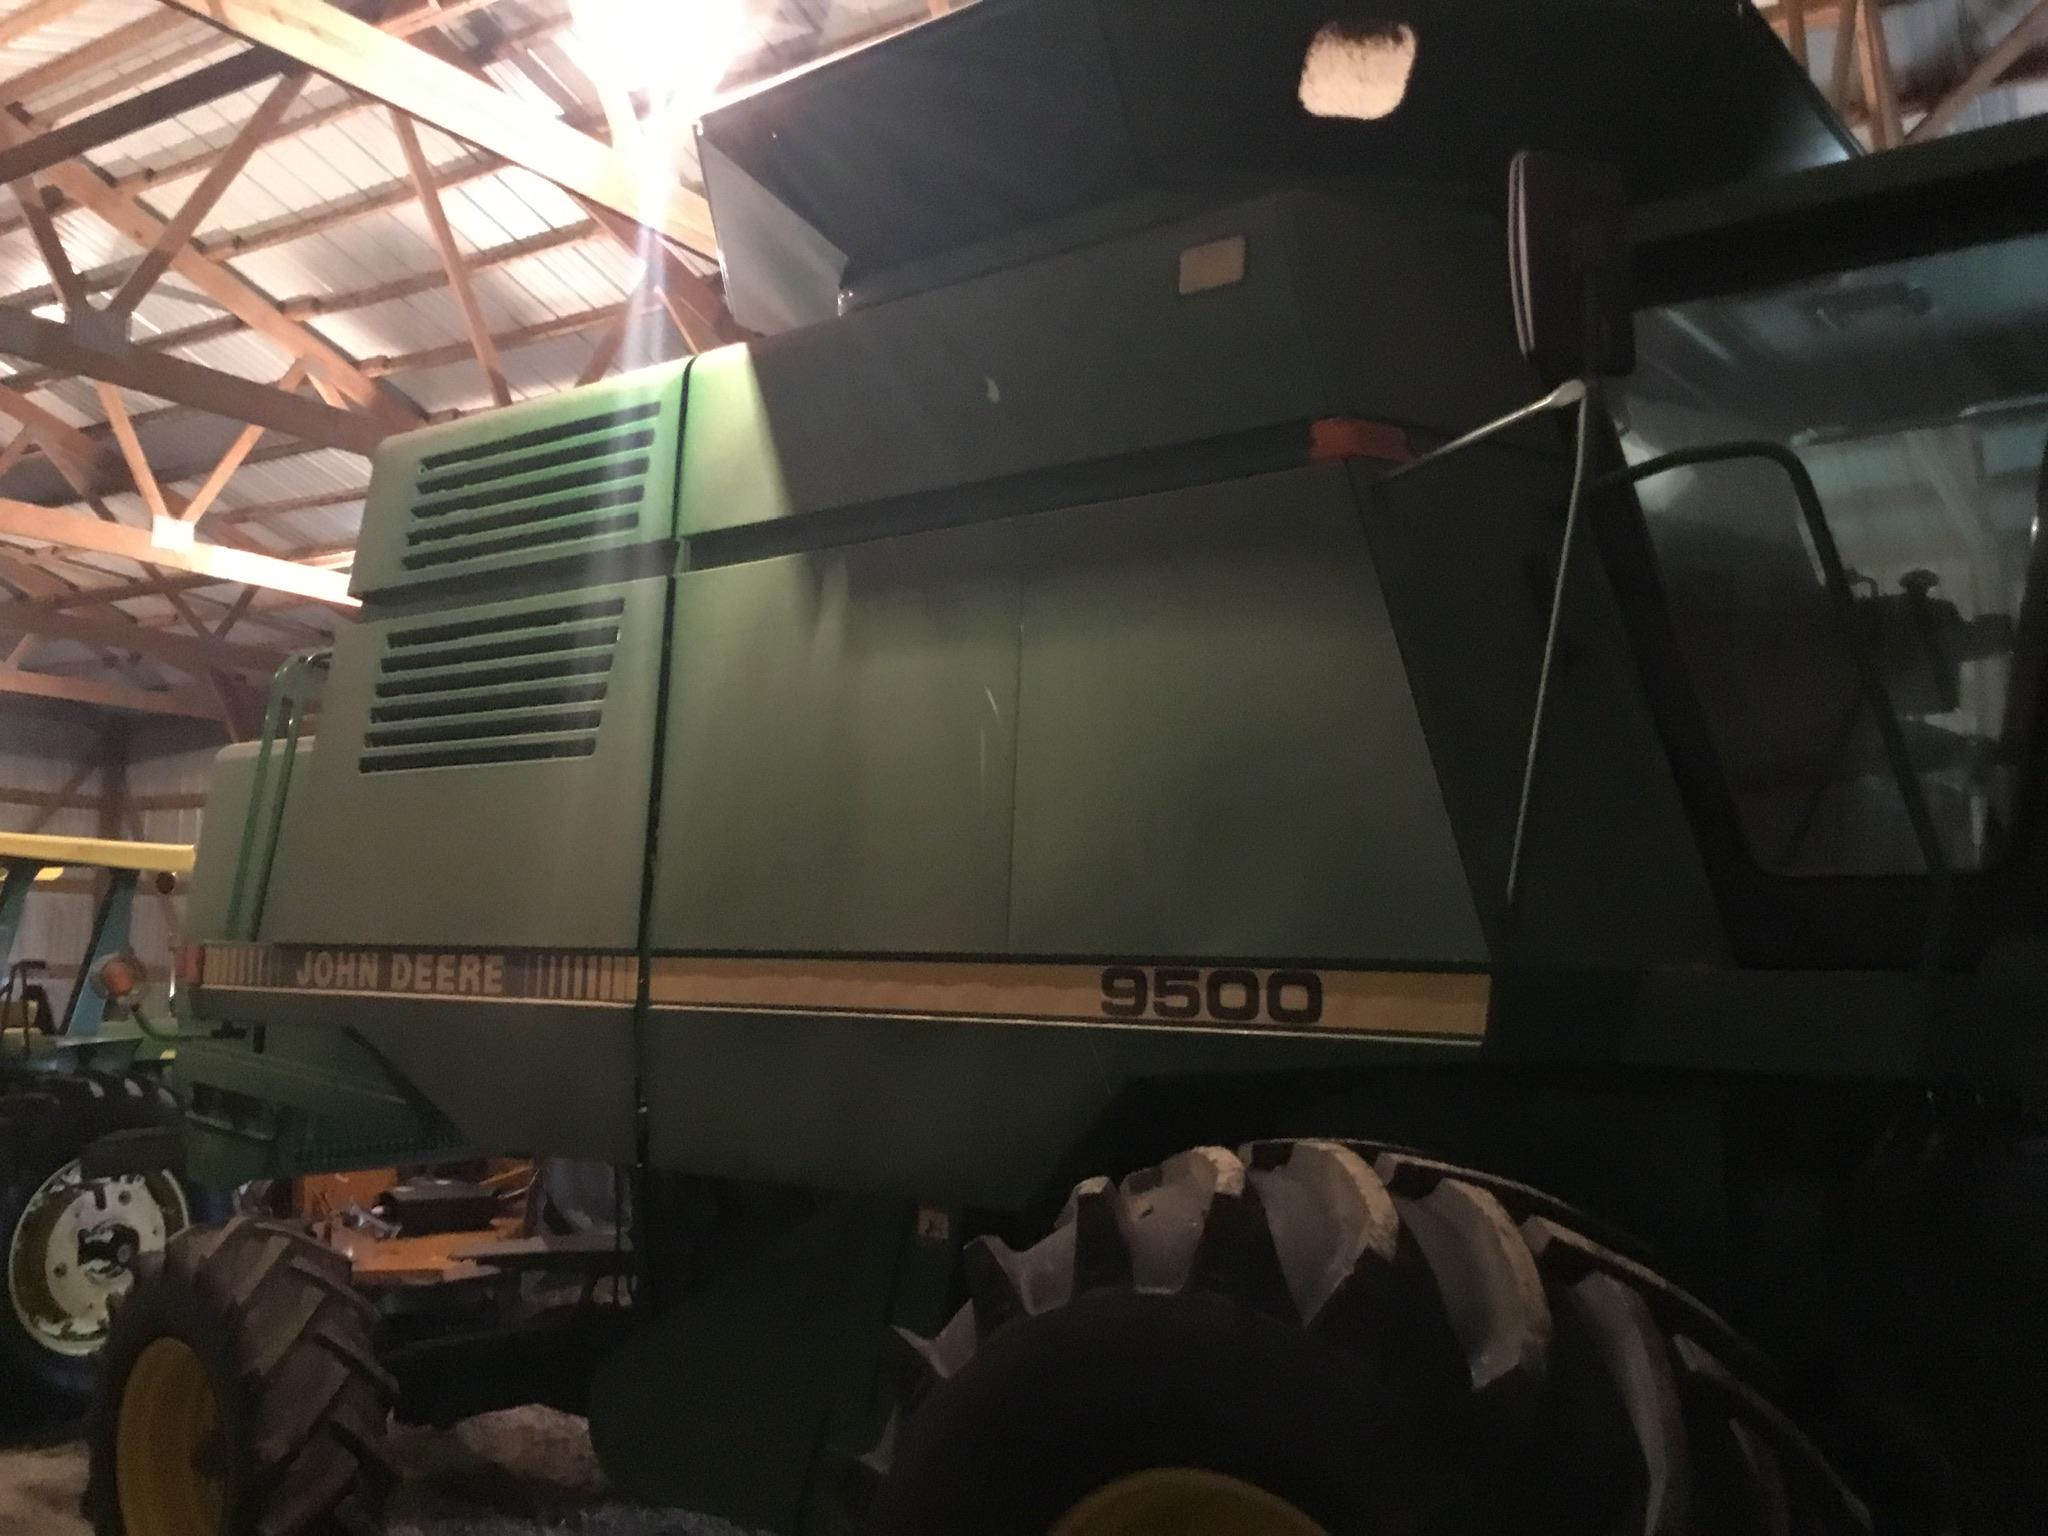 1996 John Deere 9500 Combine, Mauer Bin Extension, Vittetoe Schaff Spreader, Throat Dust Fan, - Image 23 of 25